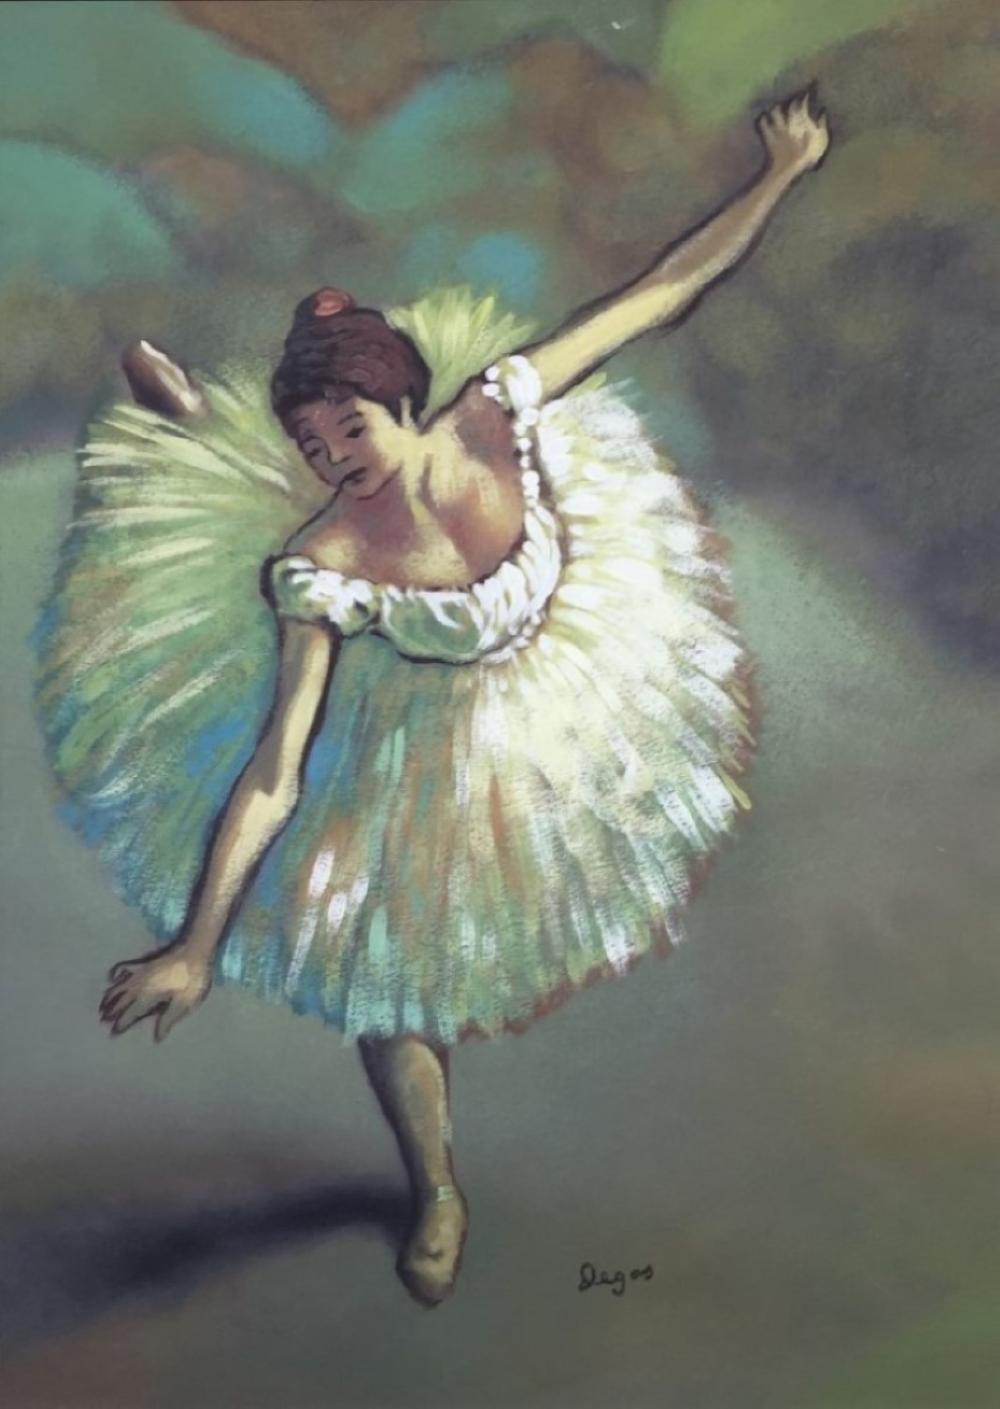 Famous Gouache Paintings : famous, gouache, paintings, Price:, Edgar, Degas, Gouache, Paper, September